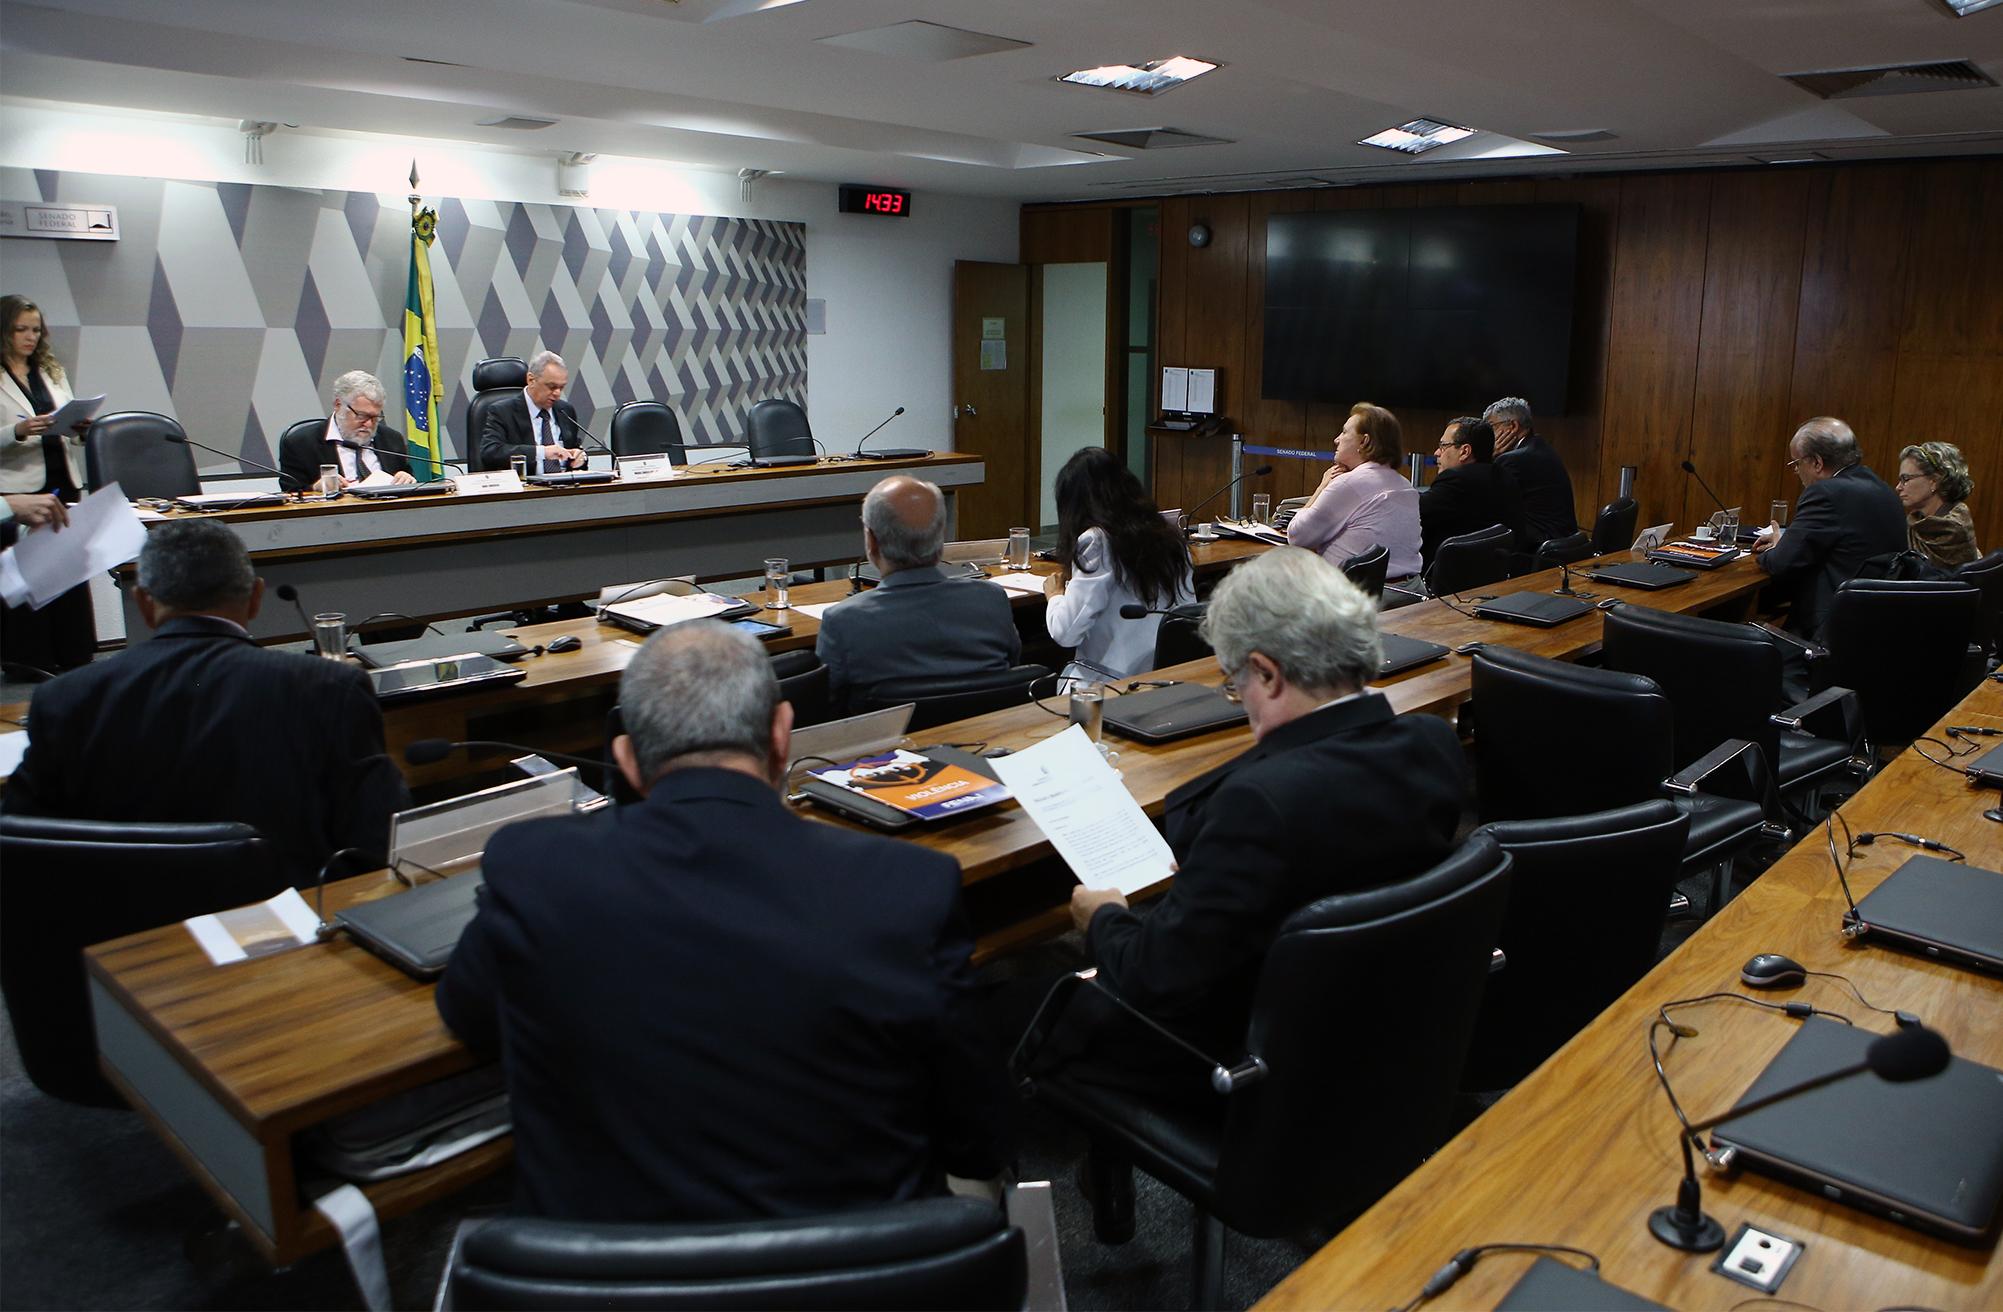 """Reunião sobre o PL 4.451/2008, que """"altera a Lei nº 4.117, de 27 de agosto de 1962, que 'institui o Código Brasileiro de Telecomunicações', para estabelecer normas de julgamento das licitações para outorga de concessões e permissões de serviços de radiodifusão"""